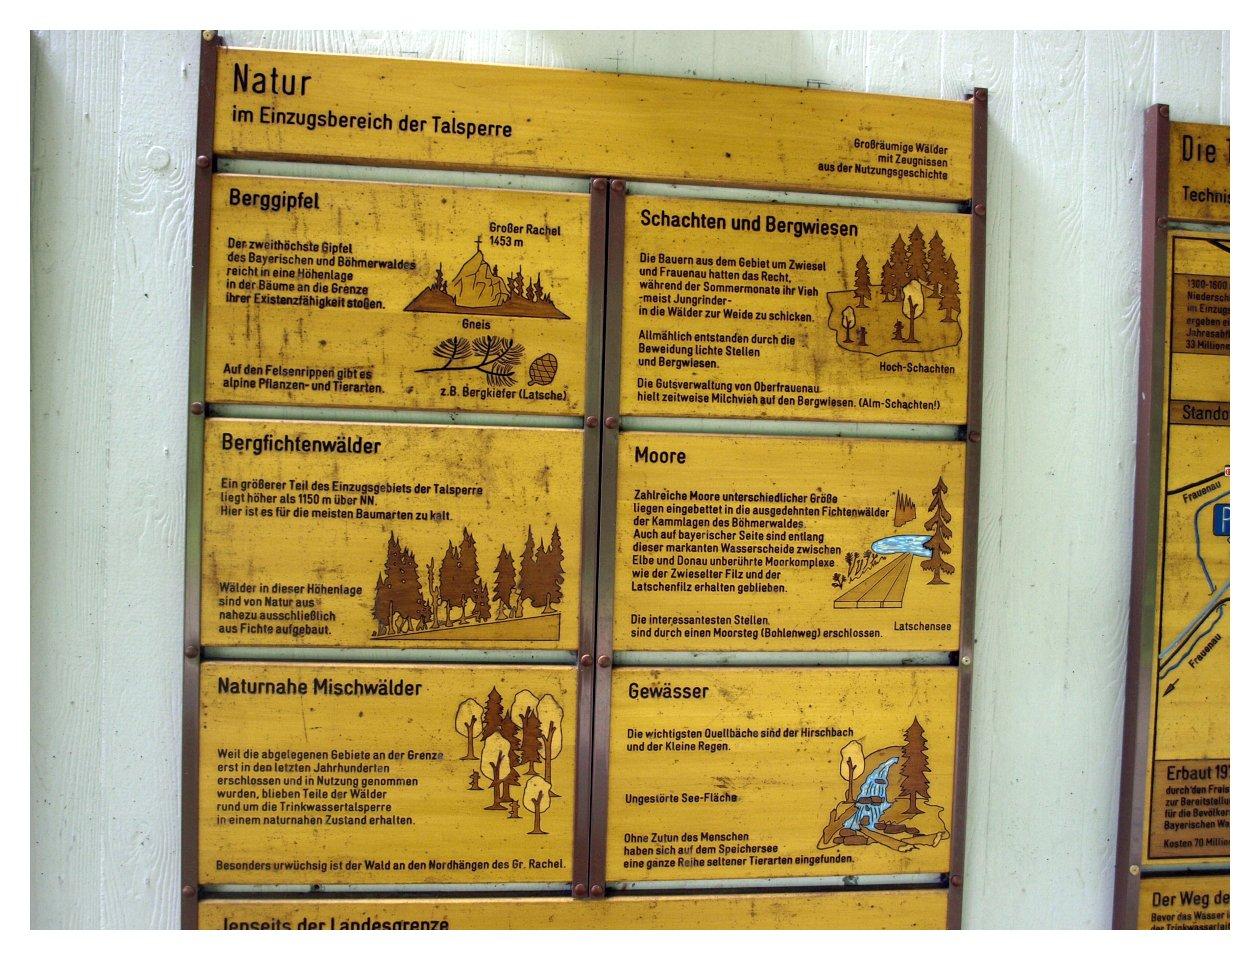 http://www.bayerwaldwandern.de/juni15/24juni15_10.jpg